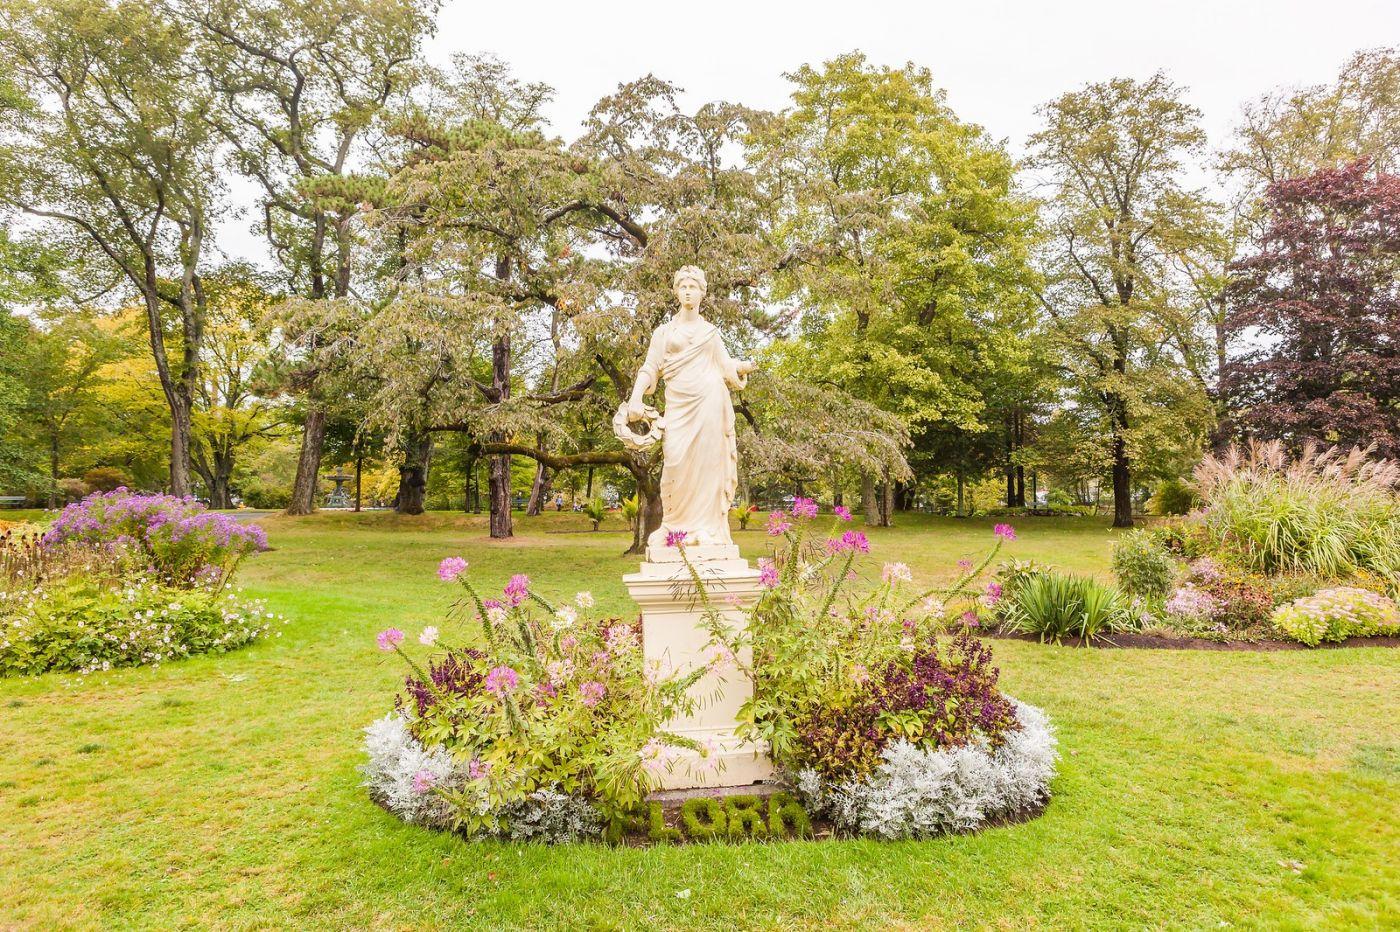 加拿大哈利法克斯(Halifax)公共花园,漂亮的花亭_图1-35